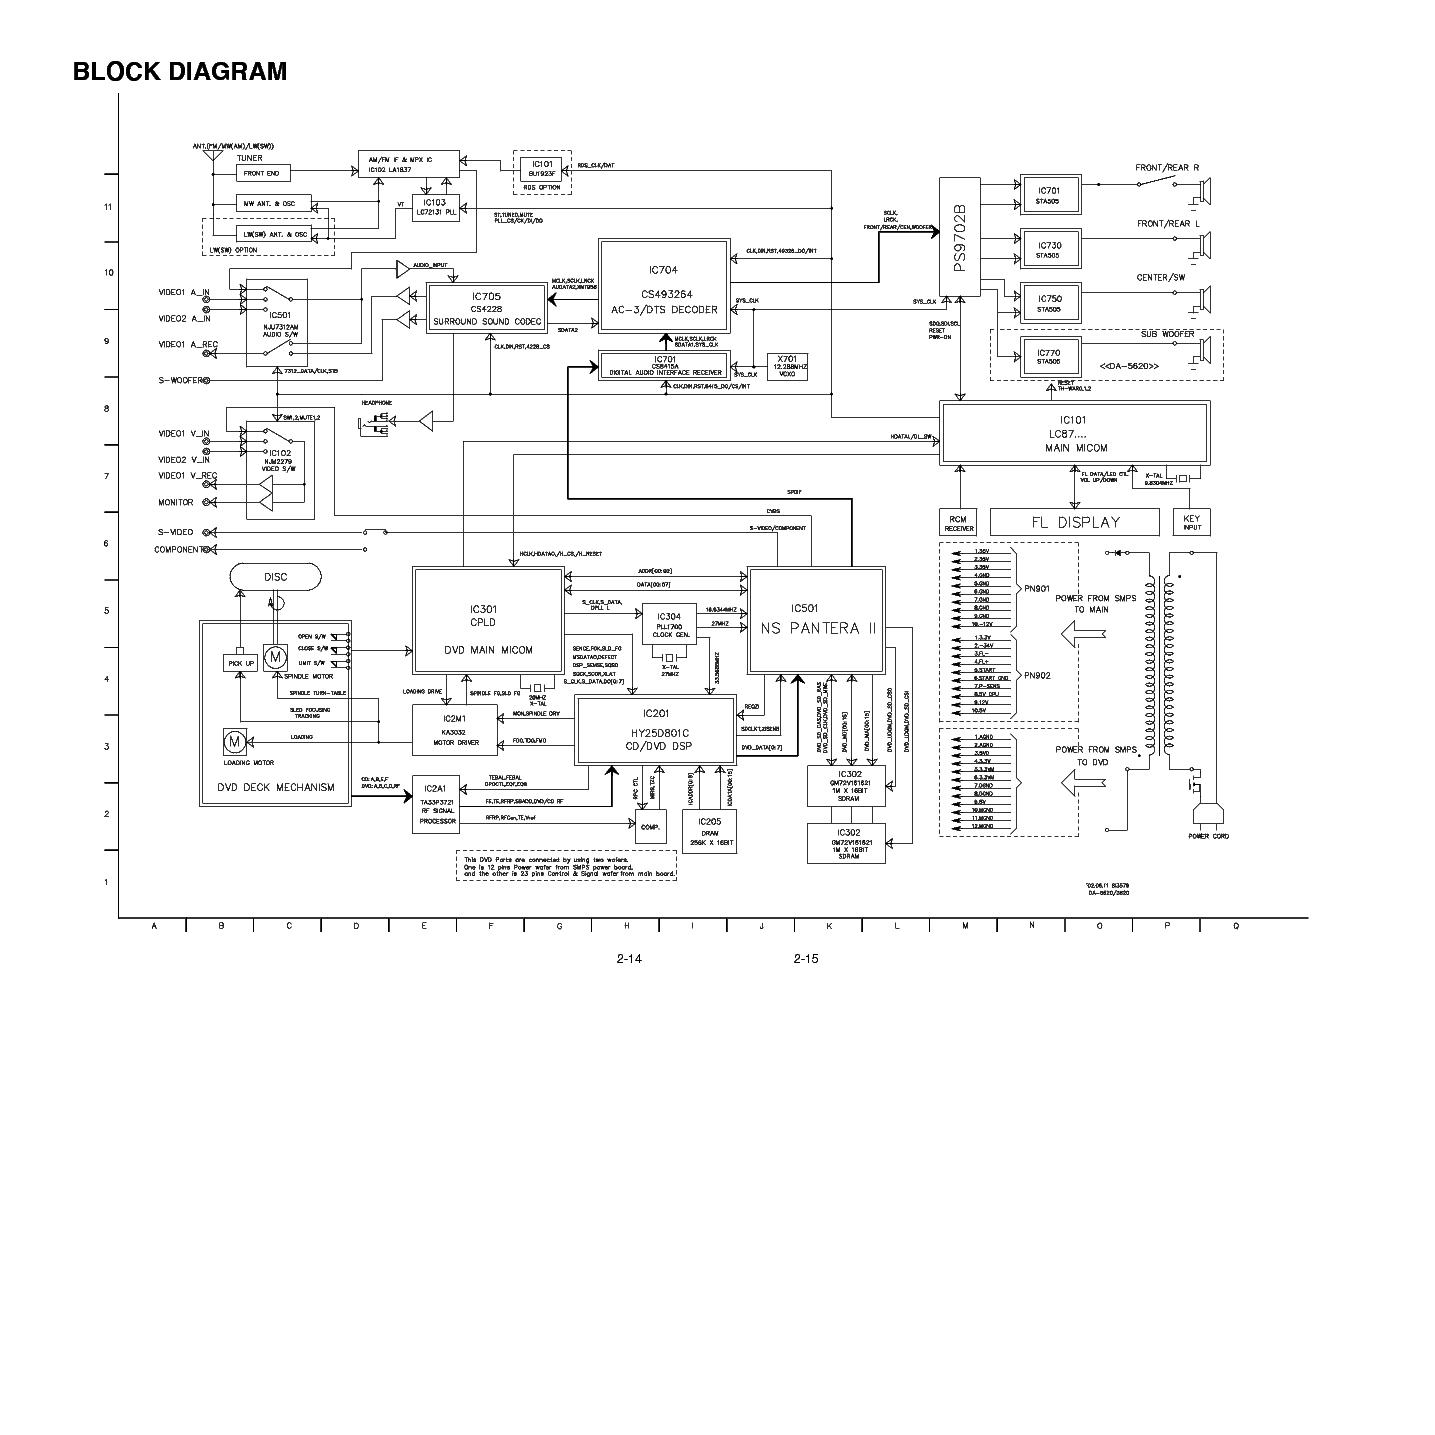 lg dv246